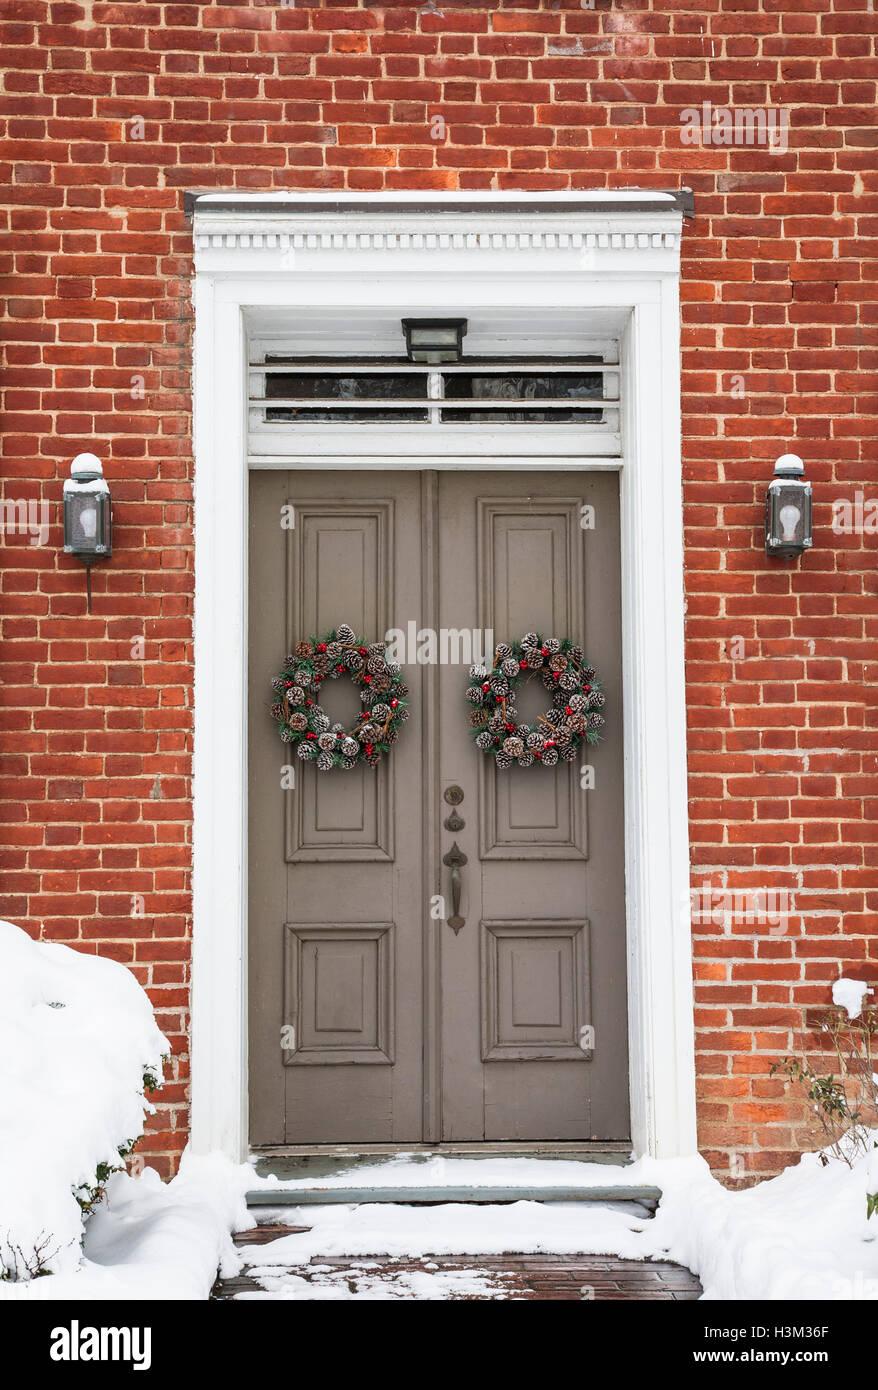 Winter Front Door Wreaths On An Red House Front Door Wreath House Stock Photo Alamy